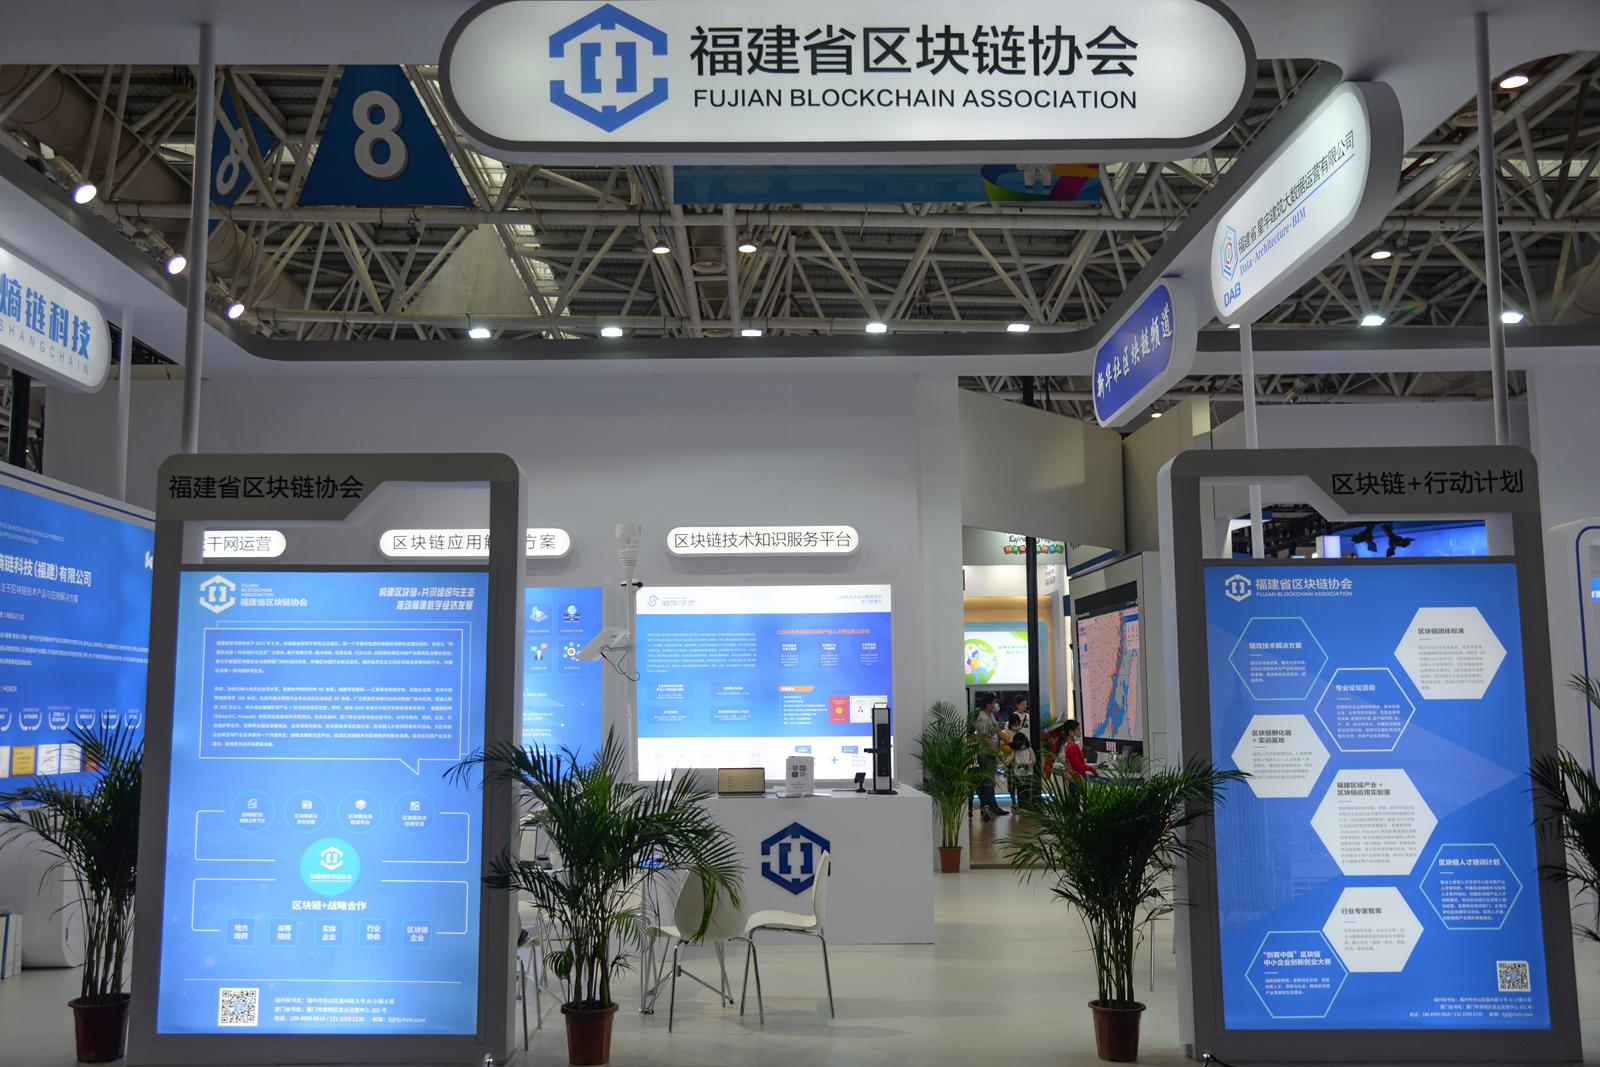 福建省区块链协会亮相第三届数字中国建设峰会成果展览会!